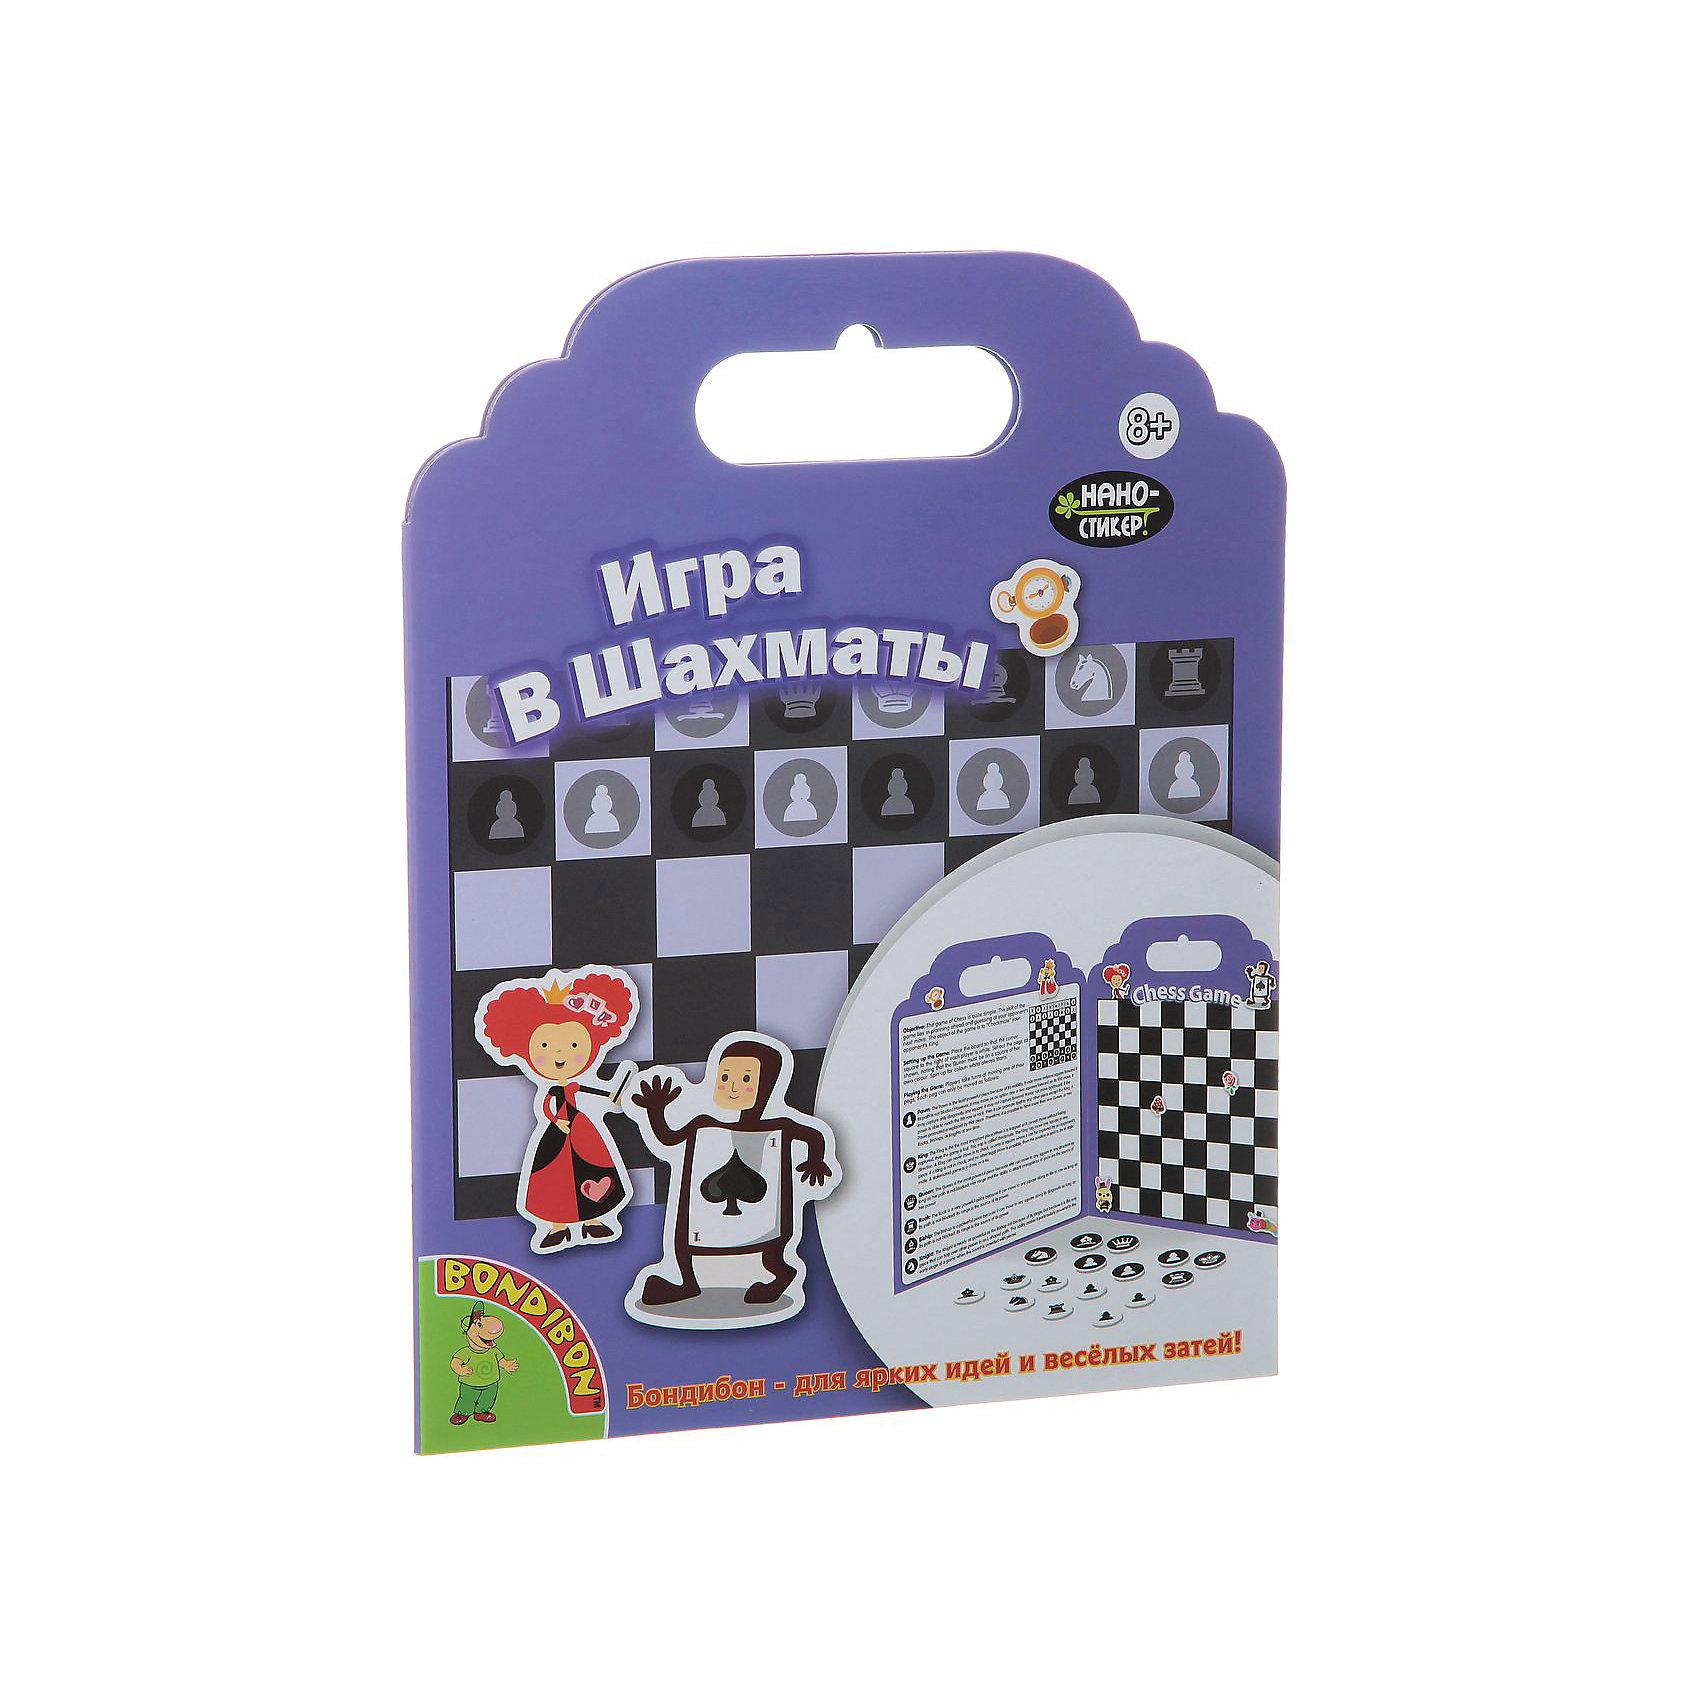 Игра с нано-стикерами ШахматыОбучение счету<br>Дети обожают наклейки и веселые картинки! С этим замечательным набором ребенок без труда научится играть в шахматы. Нужно лишь наклеить на игровое поле яркие стикеры. Оригинальные нано - стикеры выполнены из резины TPE, без клеевой или магнитной основы, поэтому могут использоваться много раз и отлично приклеиваются к любой гладкой поверхности. Набор занимает мало места, его удобно брать с собой в поездки и путешествия. Игра с нано-стикерами Шахматы обязательно порадует любого ребенка! <br><br>Дополнительная информация:<br><br>- Материал: картон, резина TPE.<br>- Размер упаковки: 26x20x1 см. <br>- Размер игрового поля в сложенном виде: 19х24 см.<br>- Комплектация: игровое поле, 24 наклеек. <br>- Многоразовые наклейки без клеевой или магнитной основы. <br><br>Игру с нано-стикерами Шахматы можно купить в нашем магазине.<br><br>Ширина мм: 19<br>Глубина мм: 1<br>Высота мм: 24<br>Вес г: 84<br>Возраст от месяцев: 96<br>Возраст до месяцев: 144<br>Пол: Унисекс<br>Возраст: Детский<br>SKU: 4993192